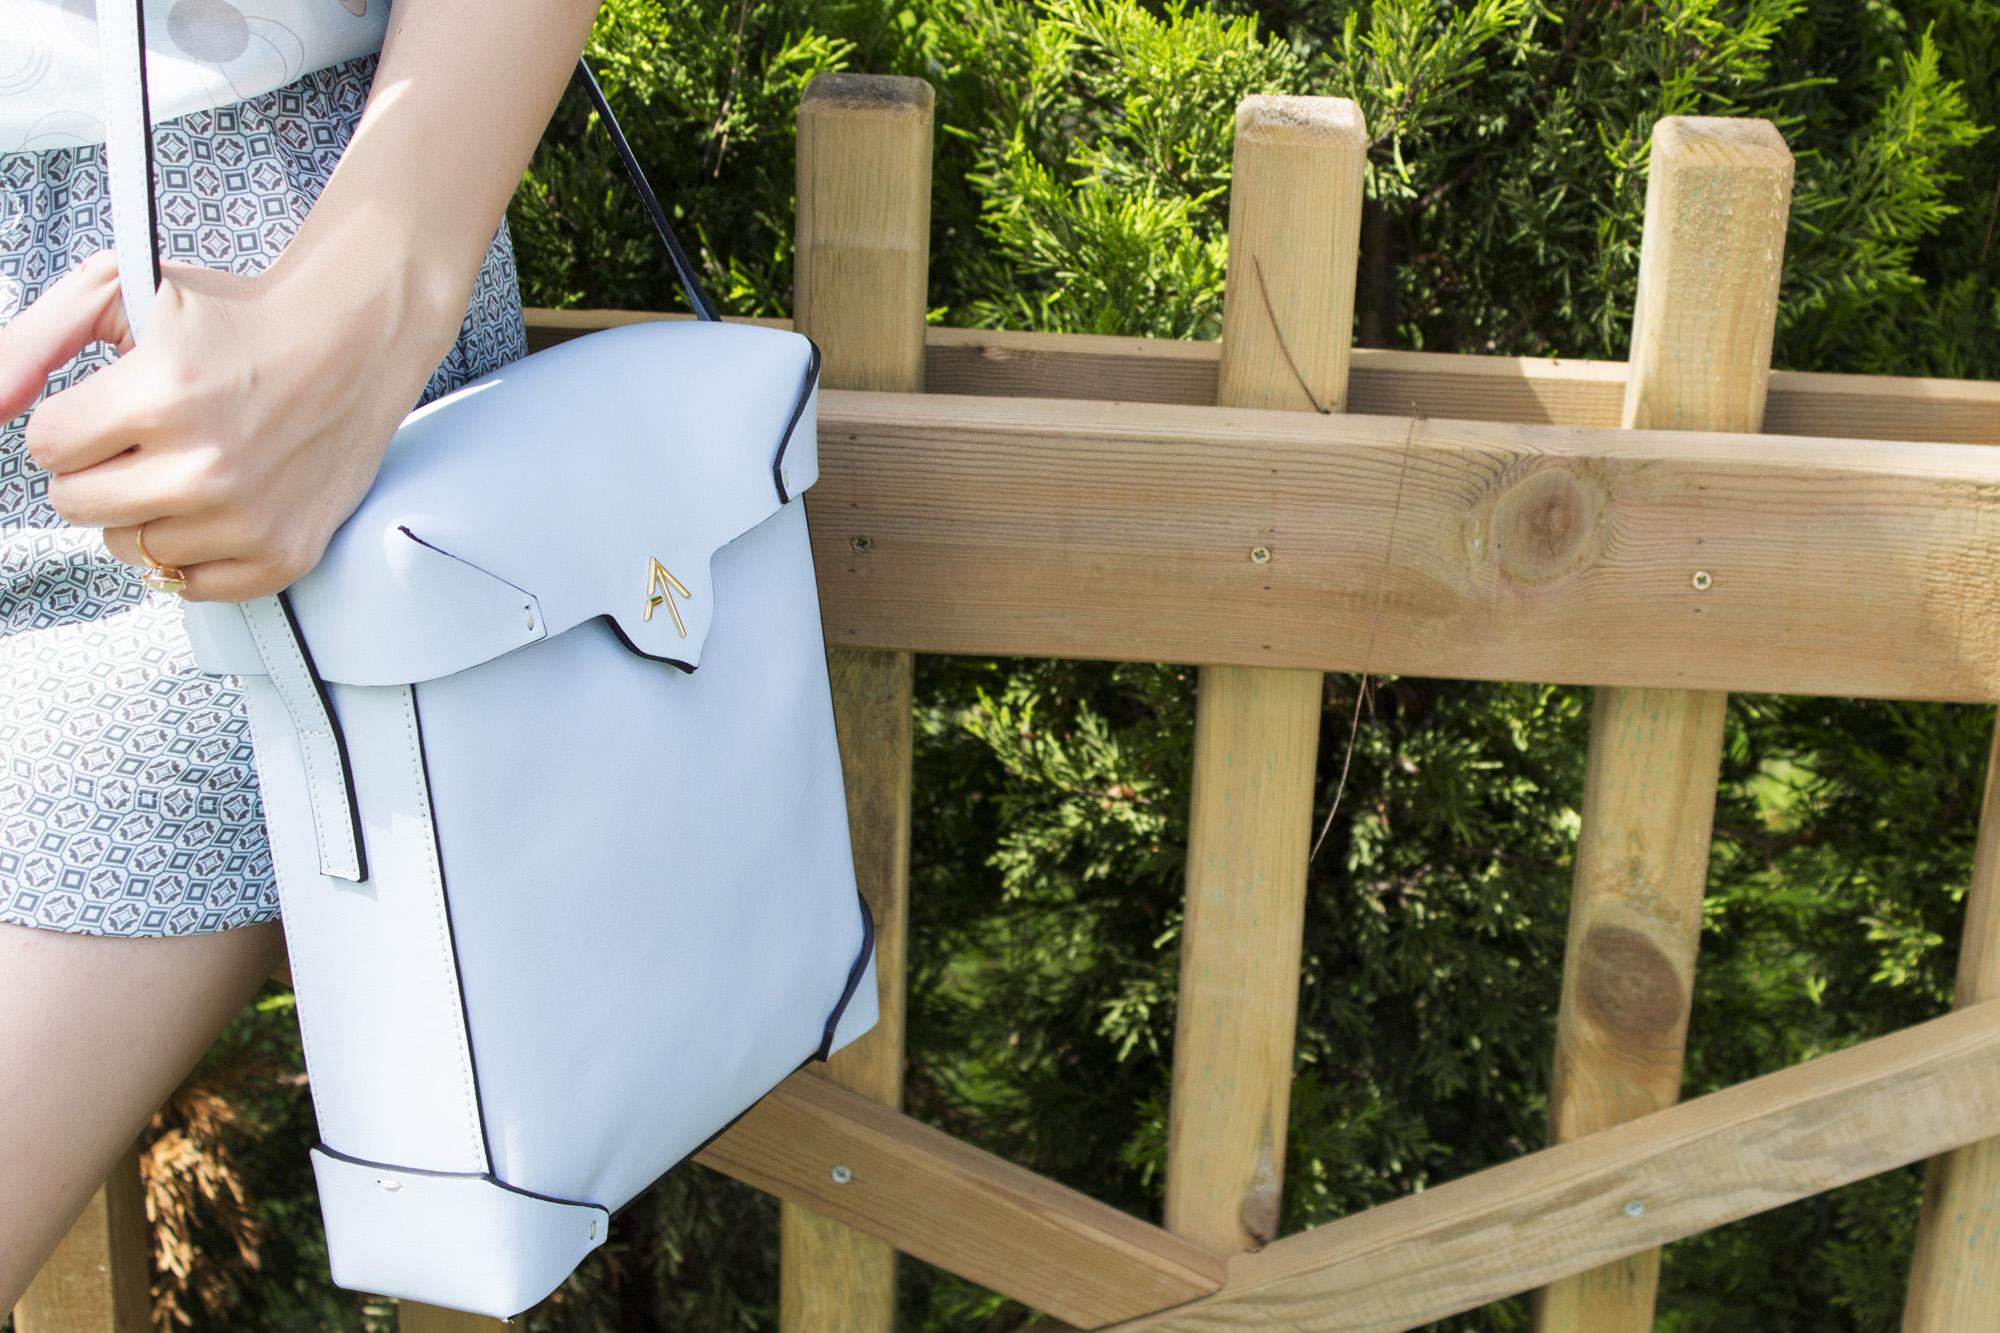 manu atelier, çanta, özel yapım çanta, tasarım çantalar, mavi çanta modelleri, kutu çanta modelleri, manu, el yapımı çanta, el işçiliği, özel dikim, deri, deri çanta modelleri